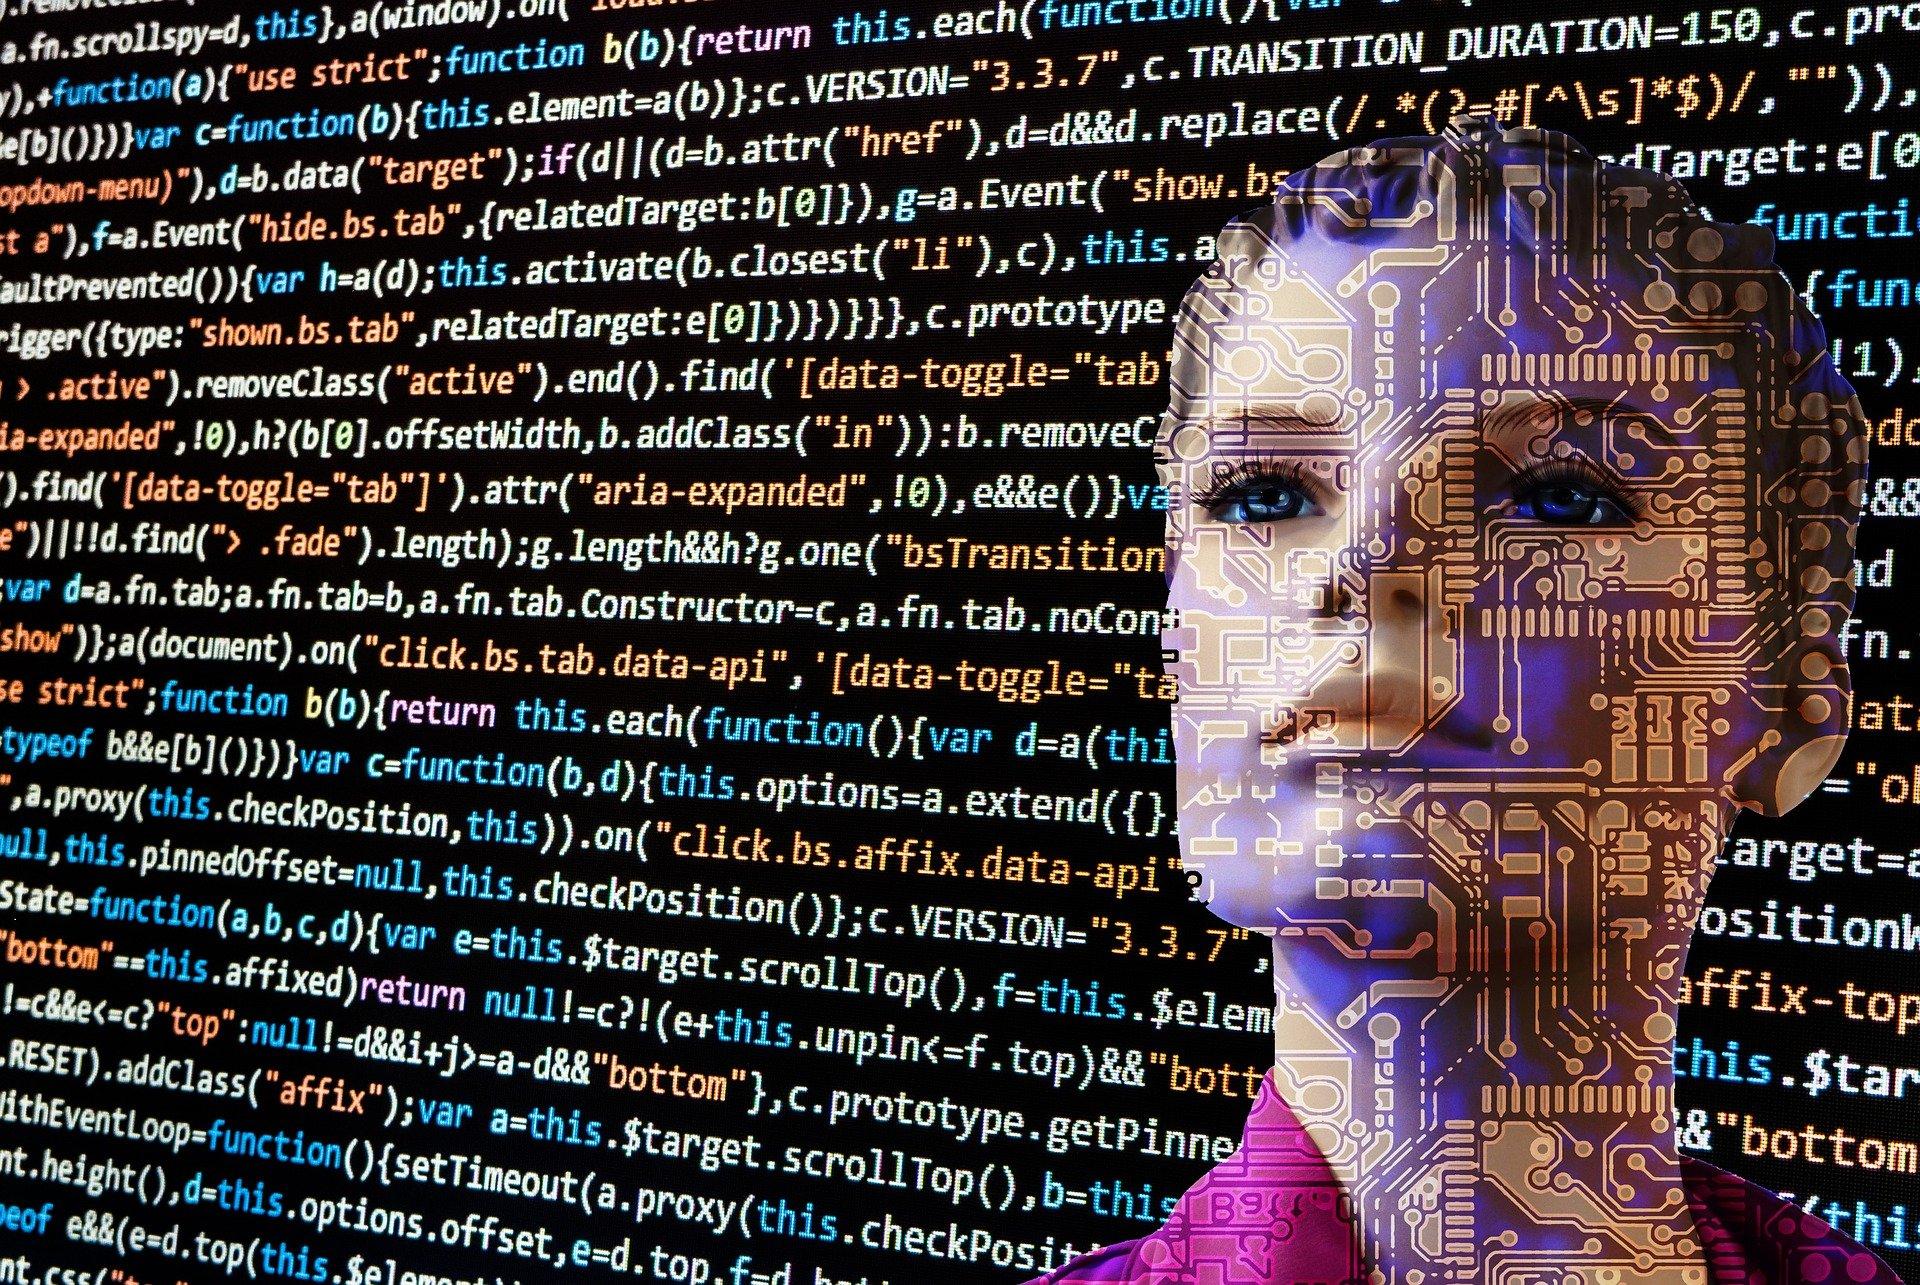 Бізнесмен з Кремнієвої долини: Розумна big data на основі ШІ – новий крок до продуктивності